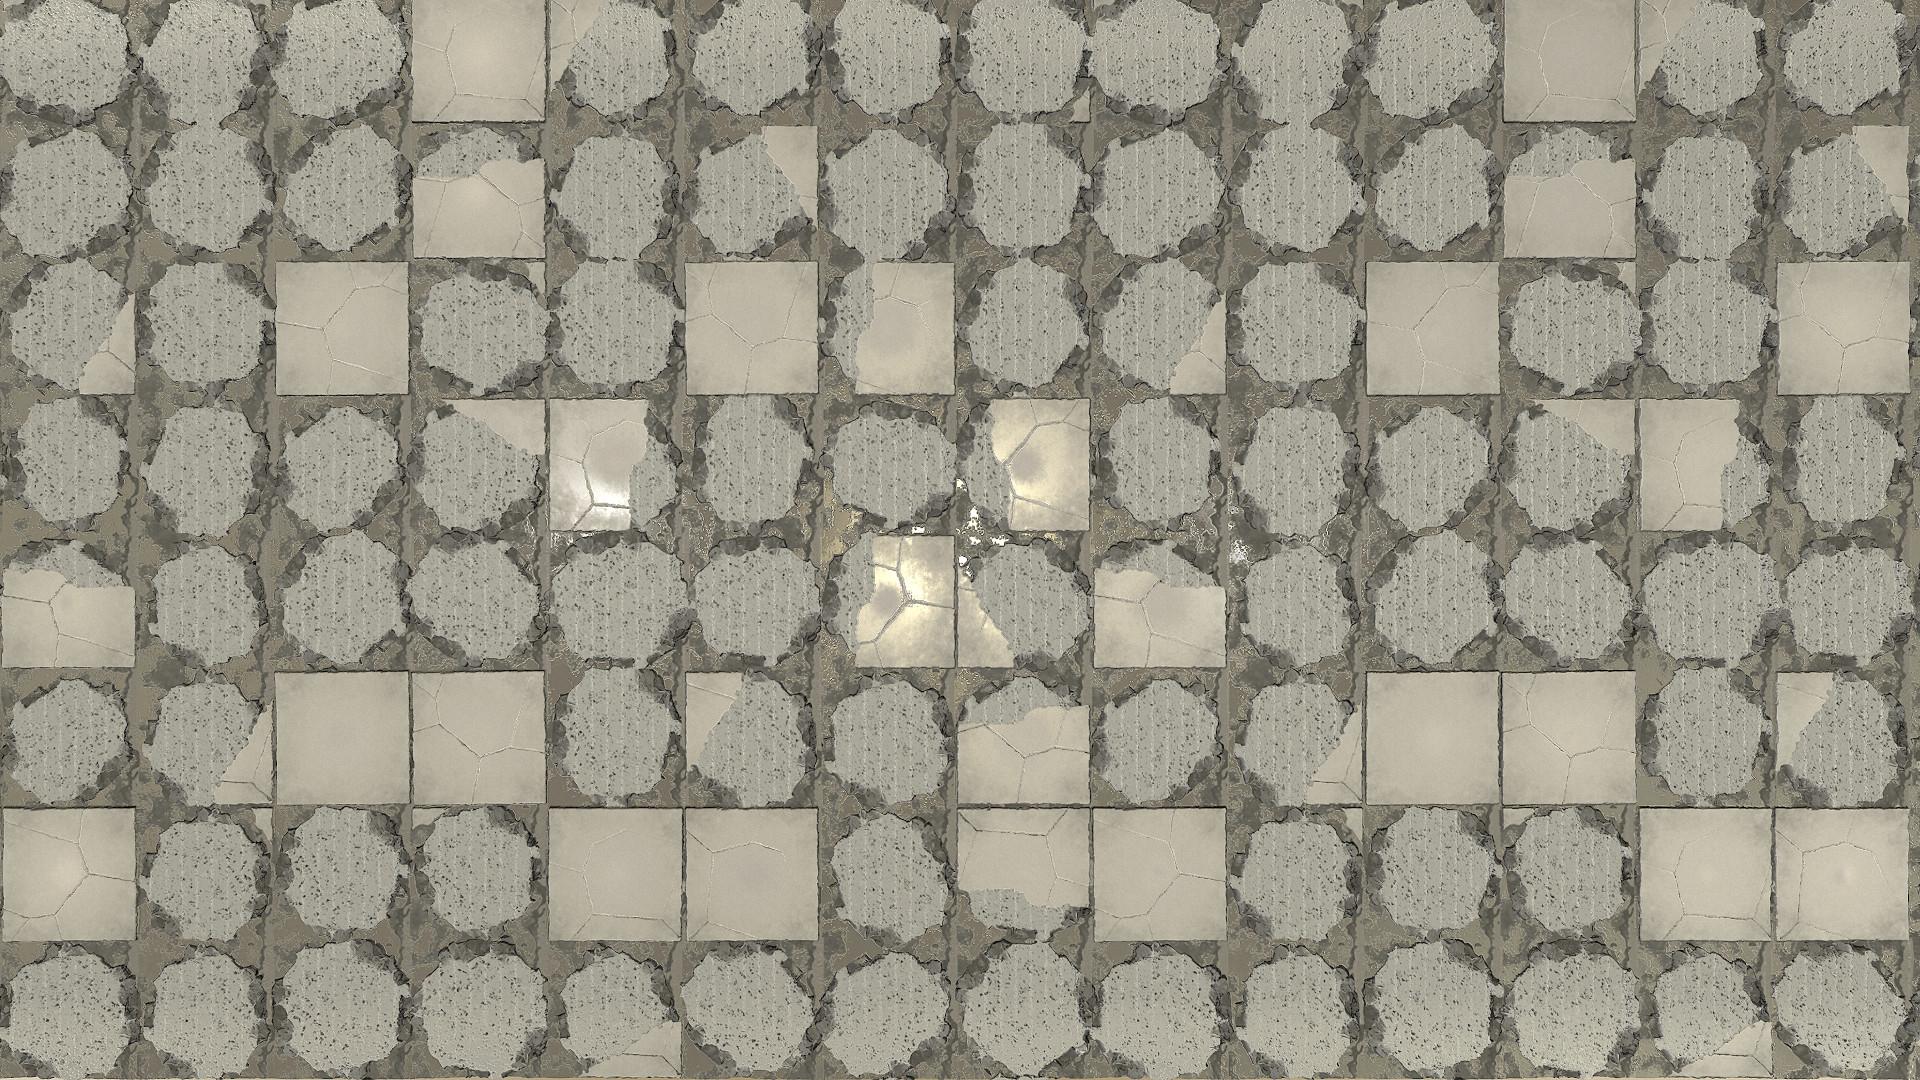 stone floor tile texture.  Artstation floor tiles jordan hey broken shiifo Broken Tiles Floor and Decorations gallery Ideas